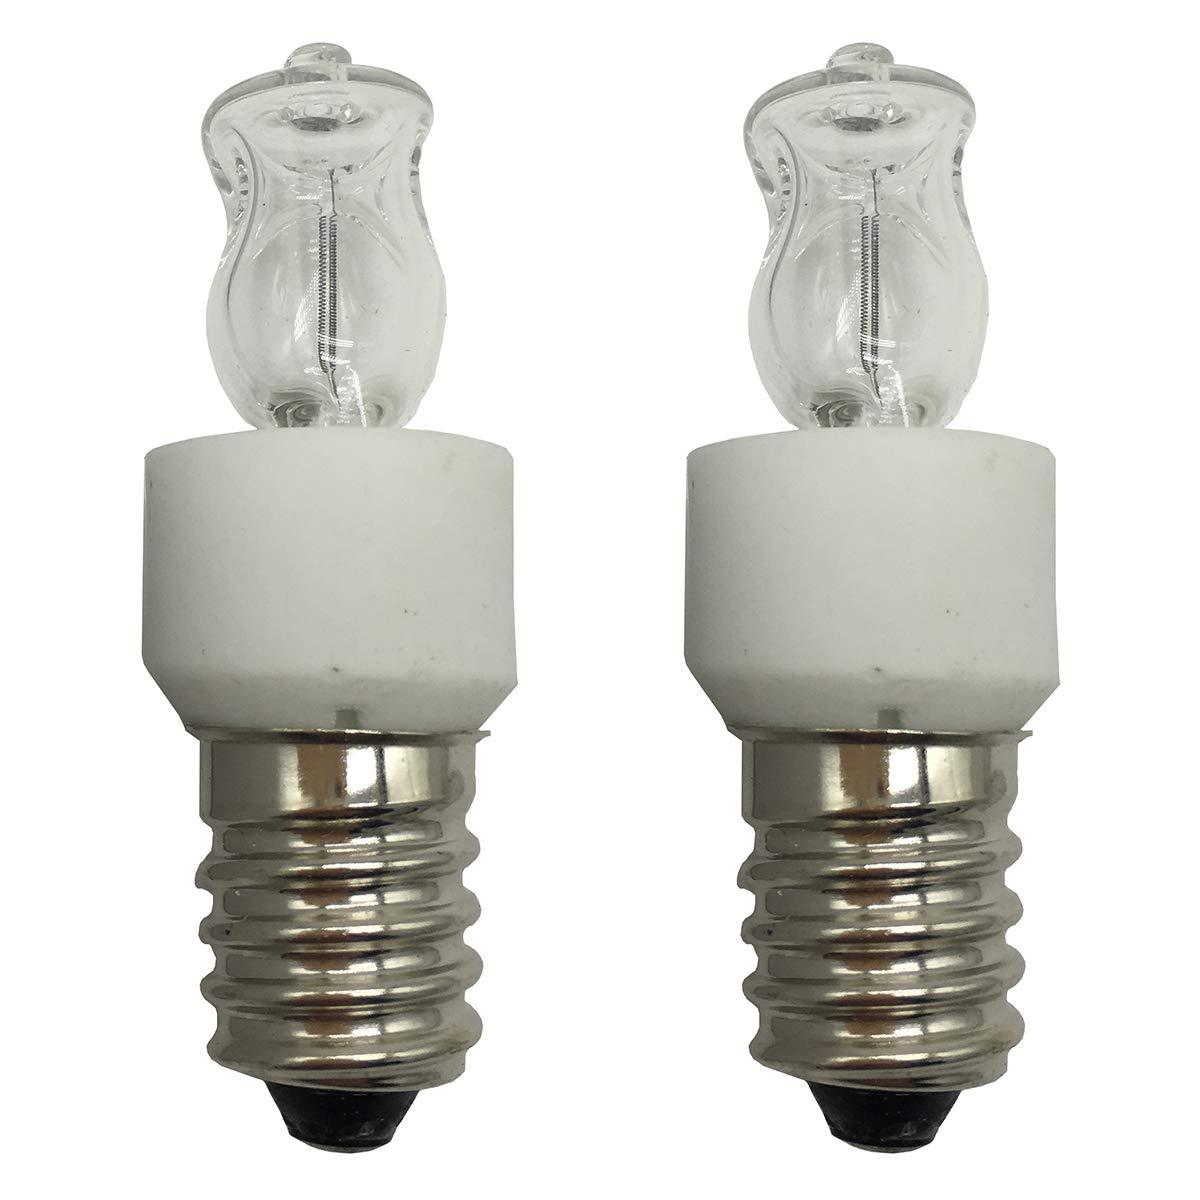 Mises 120V 110V~130V E14 25W Halogen Bulb Oven Refrigerator Light Bulb Oven Bulb Oils Burner Bulb Candle Oil Wax Warmer Bulb Appliance Bulb (2 Pack)